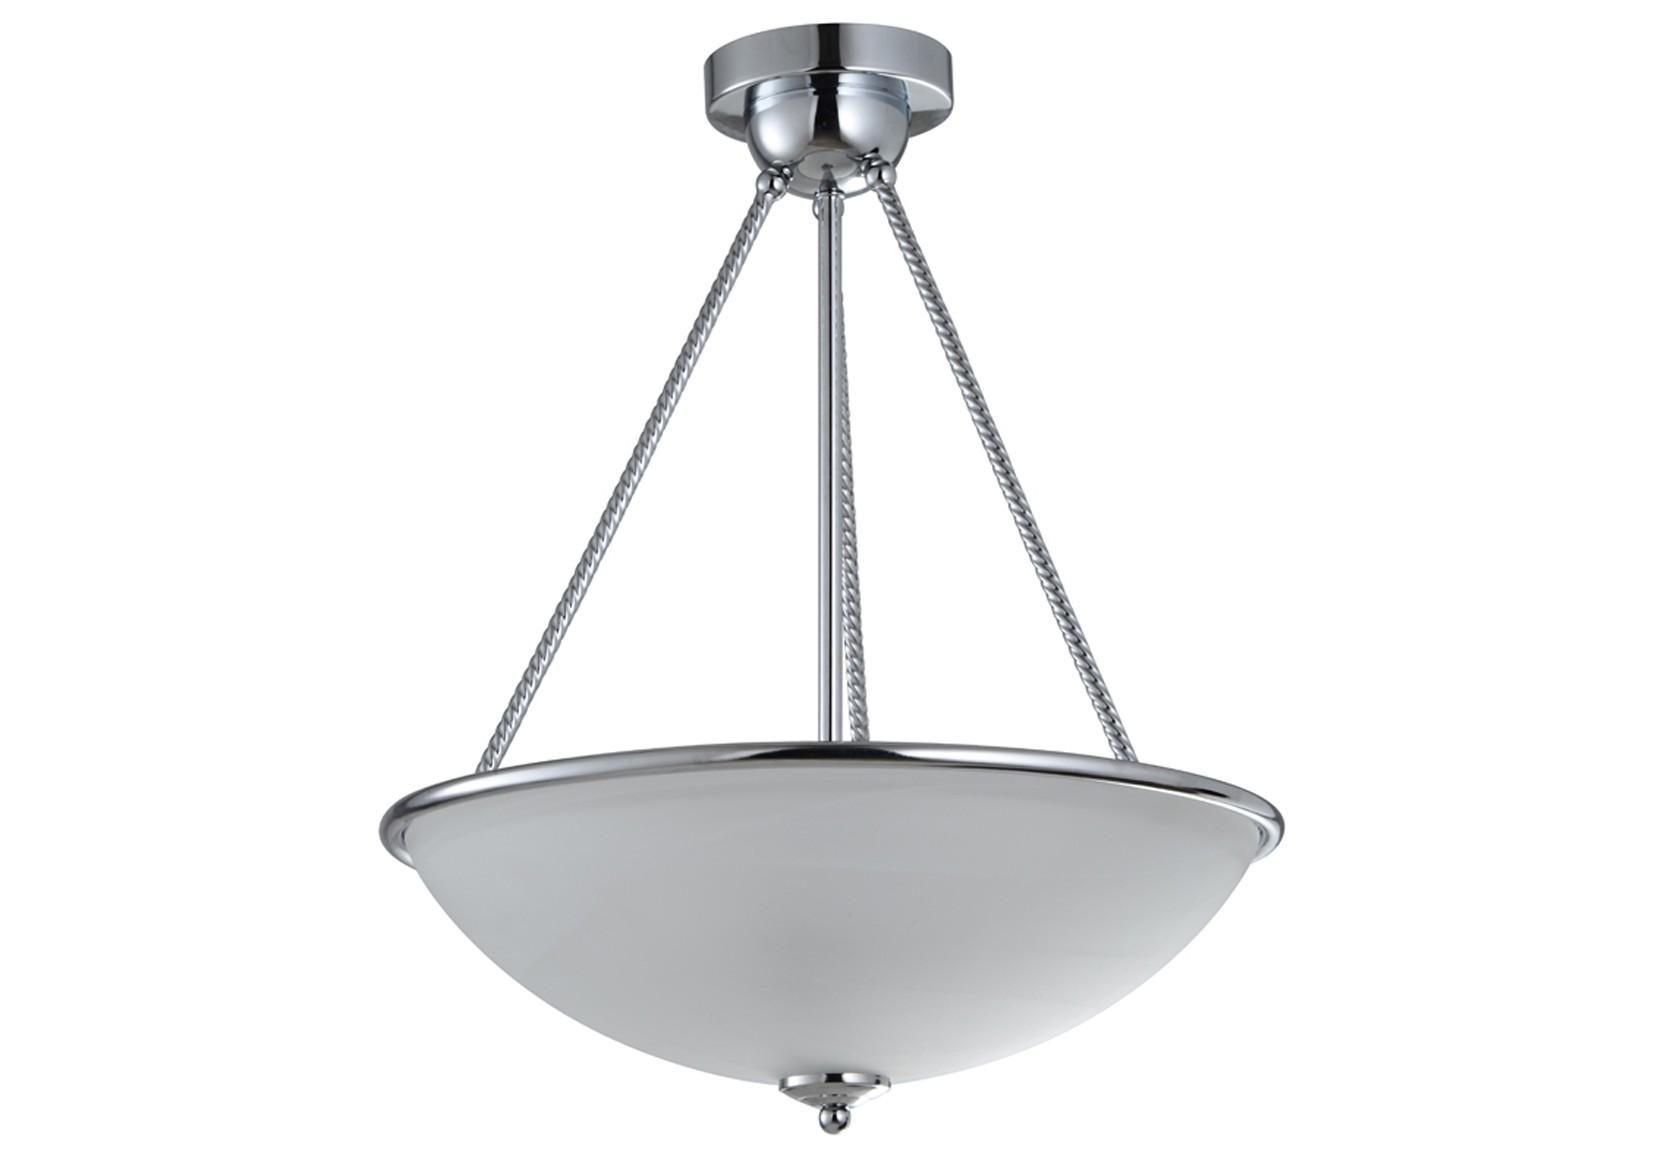 Подвесной светильник SESTOПодвесные светильники<br>&amp;lt;div&amp;gt;&amp;lt;span style=&amp;quot;line-height: 24.9999px;&amp;quot;&amp;gt;Цоколь: E27&amp;lt;/span&amp;gt;&amp;lt;br&amp;gt;&amp;lt;/div&amp;gt;&amp;lt;div&amp;gt;&amp;lt;div style=&amp;quot;line-height: 24.9999px;&amp;quot;&amp;gt;Мощность лампы: 60W&amp;lt;/div&amp;gt;&amp;lt;div style=&amp;quot;line-height: 24.9999px;&amp;quot;&amp;gt;Количество ламп: 3&amp;lt;/div&amp;gt;&amp;lt;/div&amp;gt;<br><br>Material: Стекло<br>Высота см: 50